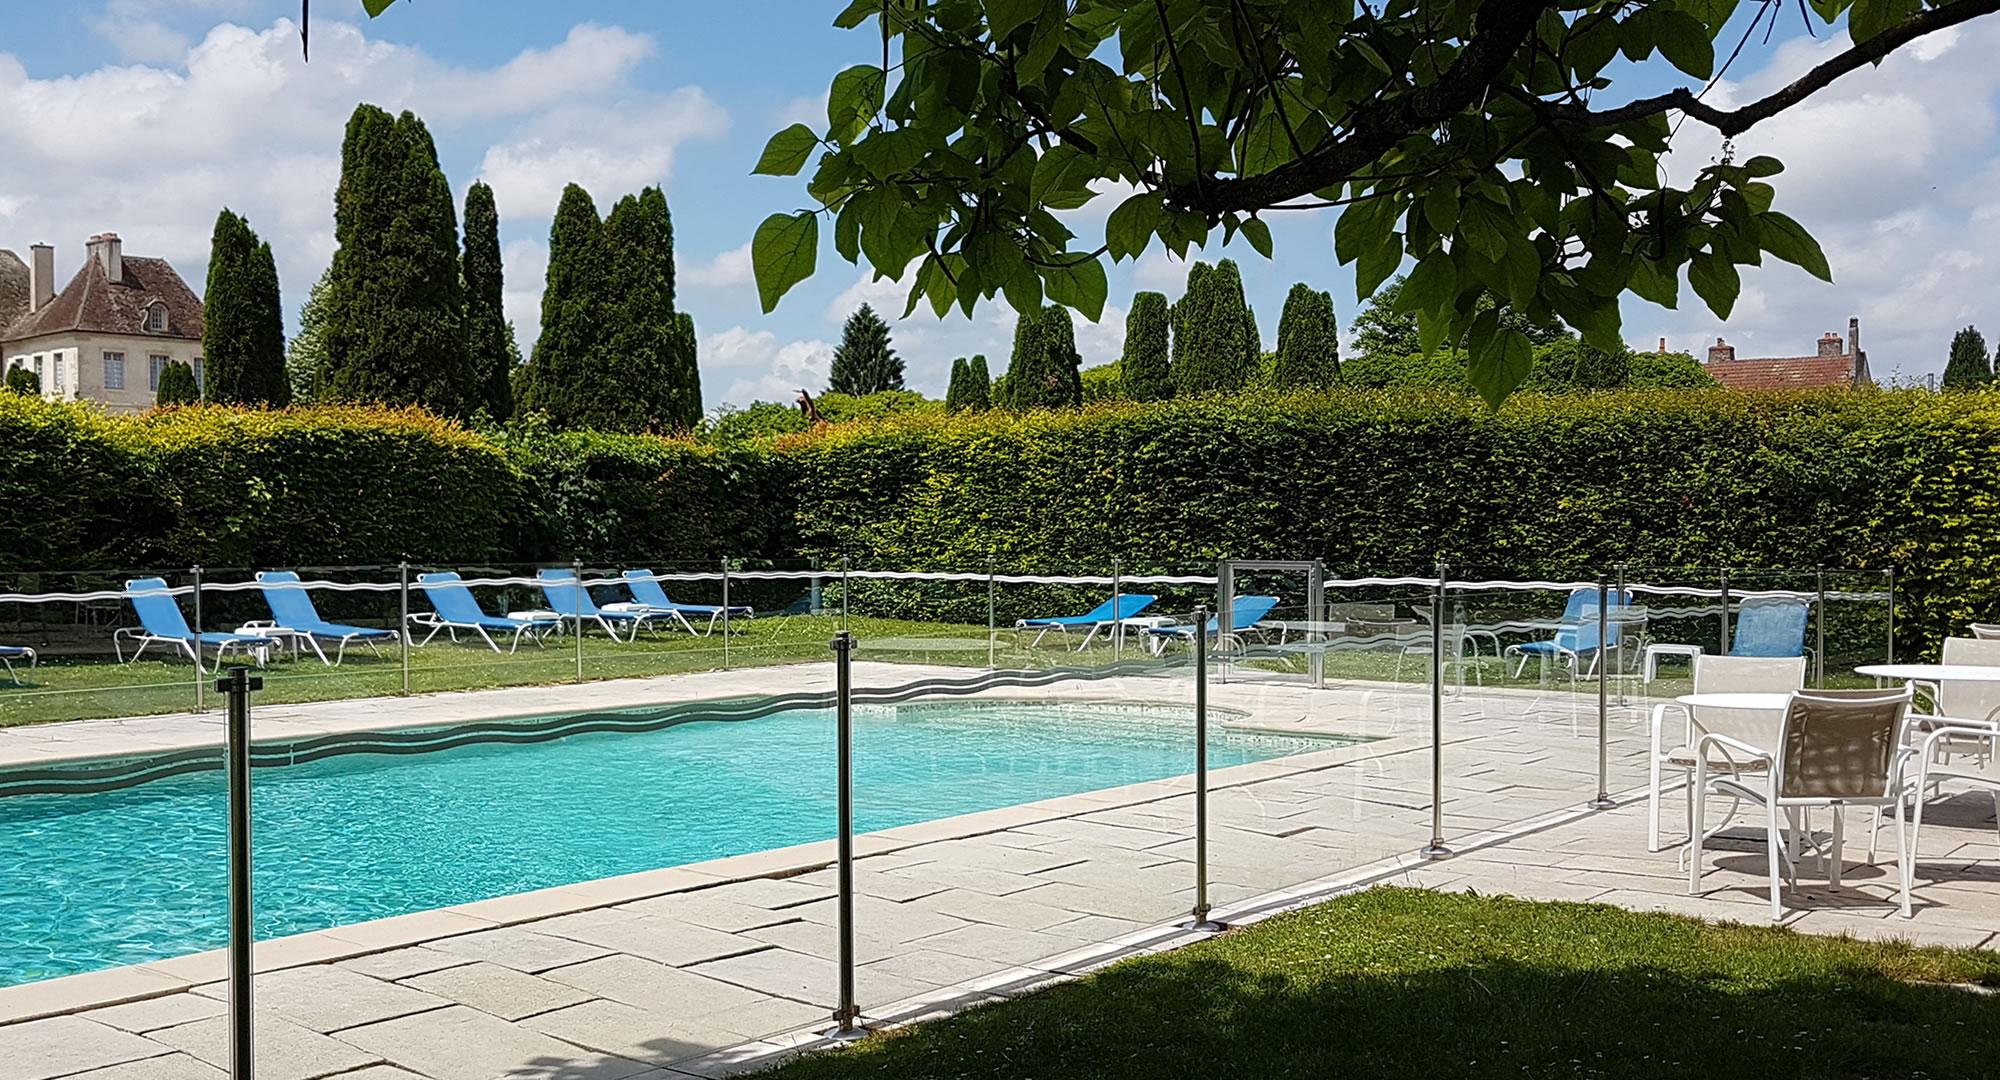 Hôtel avec piscine - Bourgogne